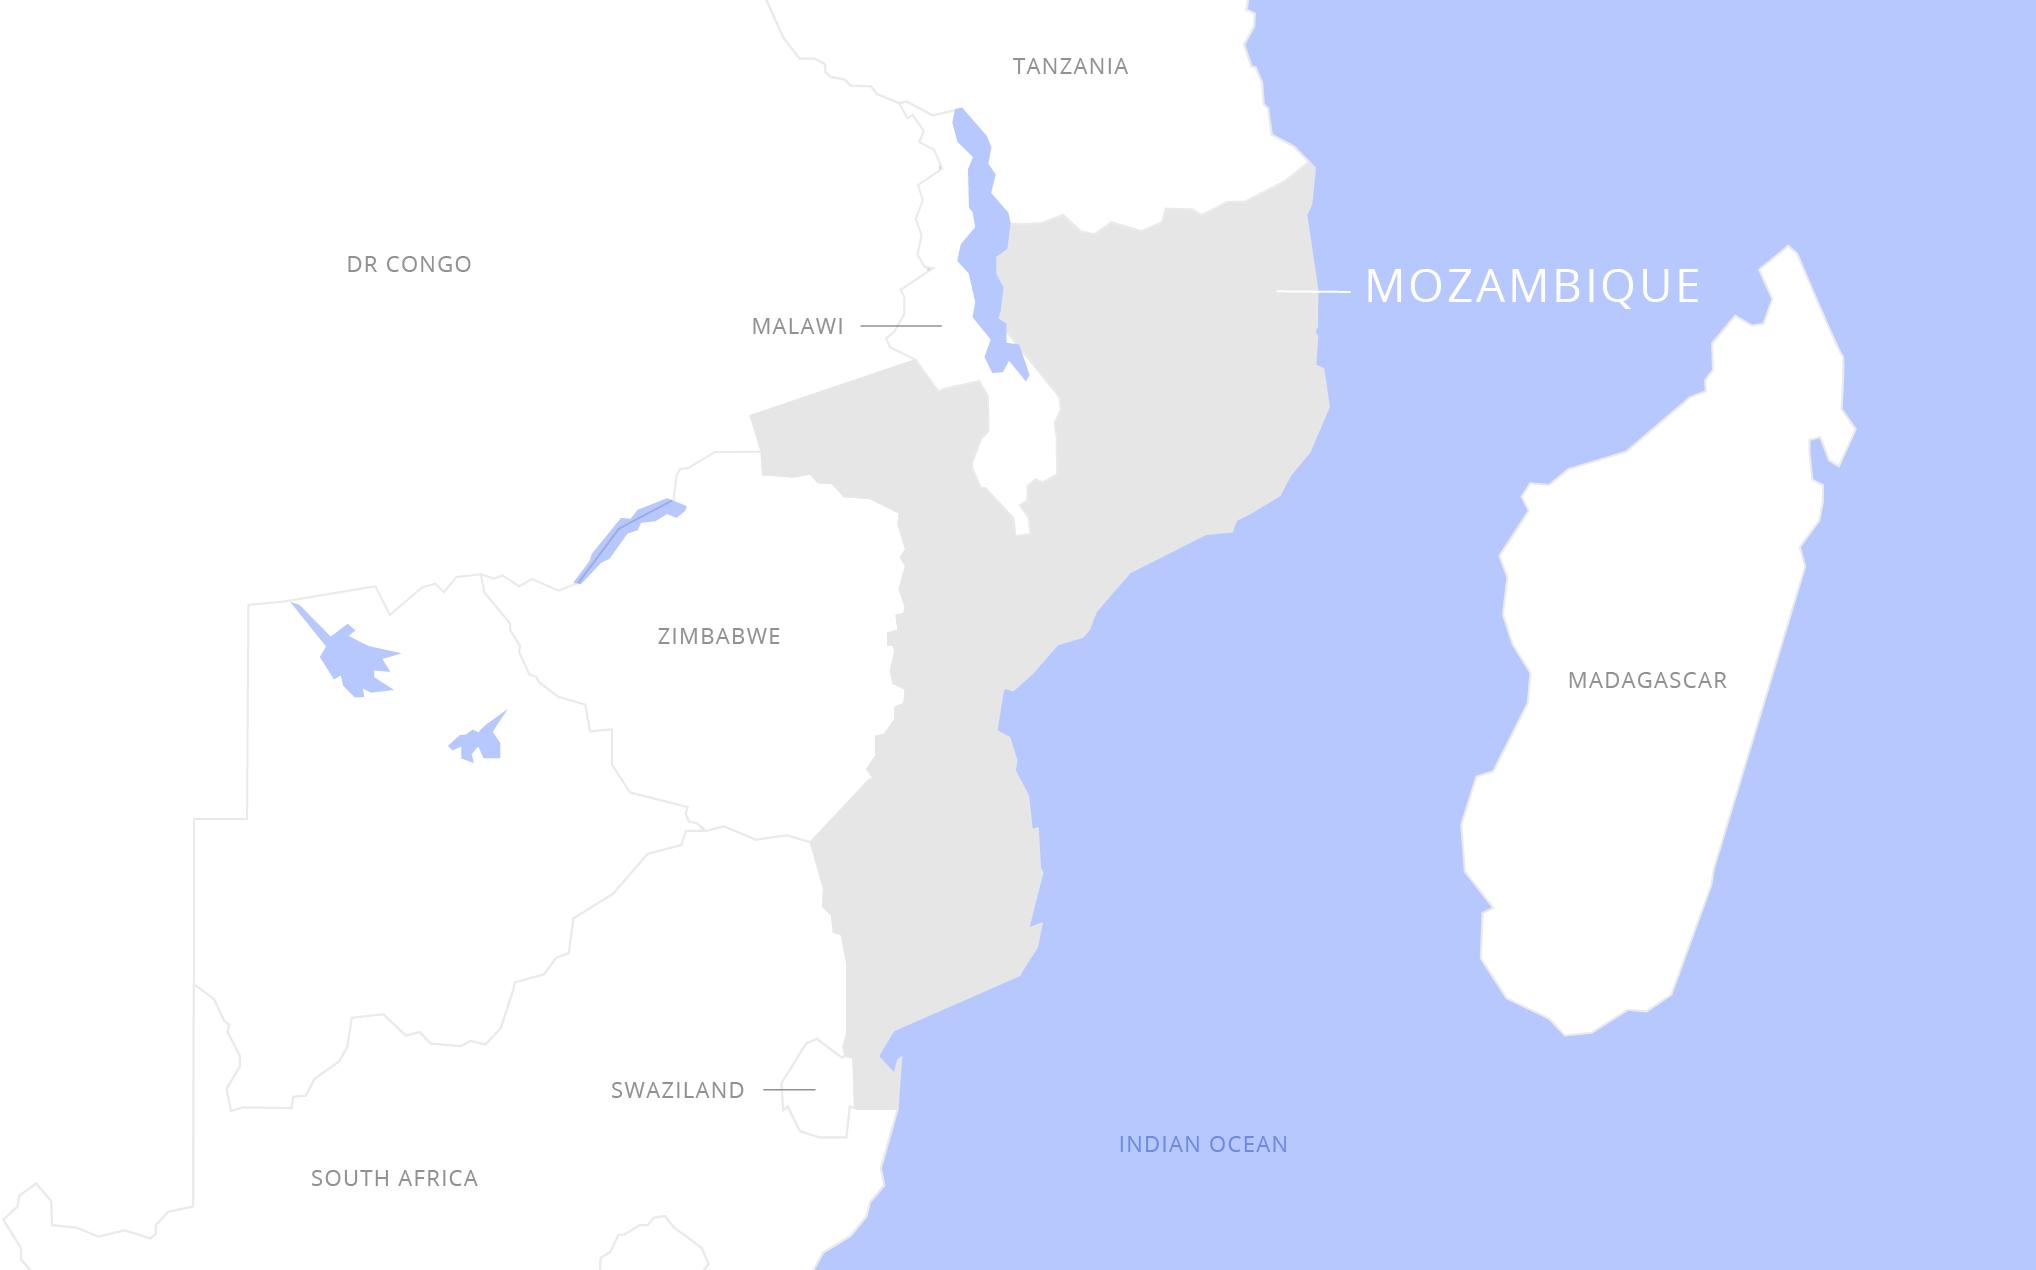 03_Mozambique